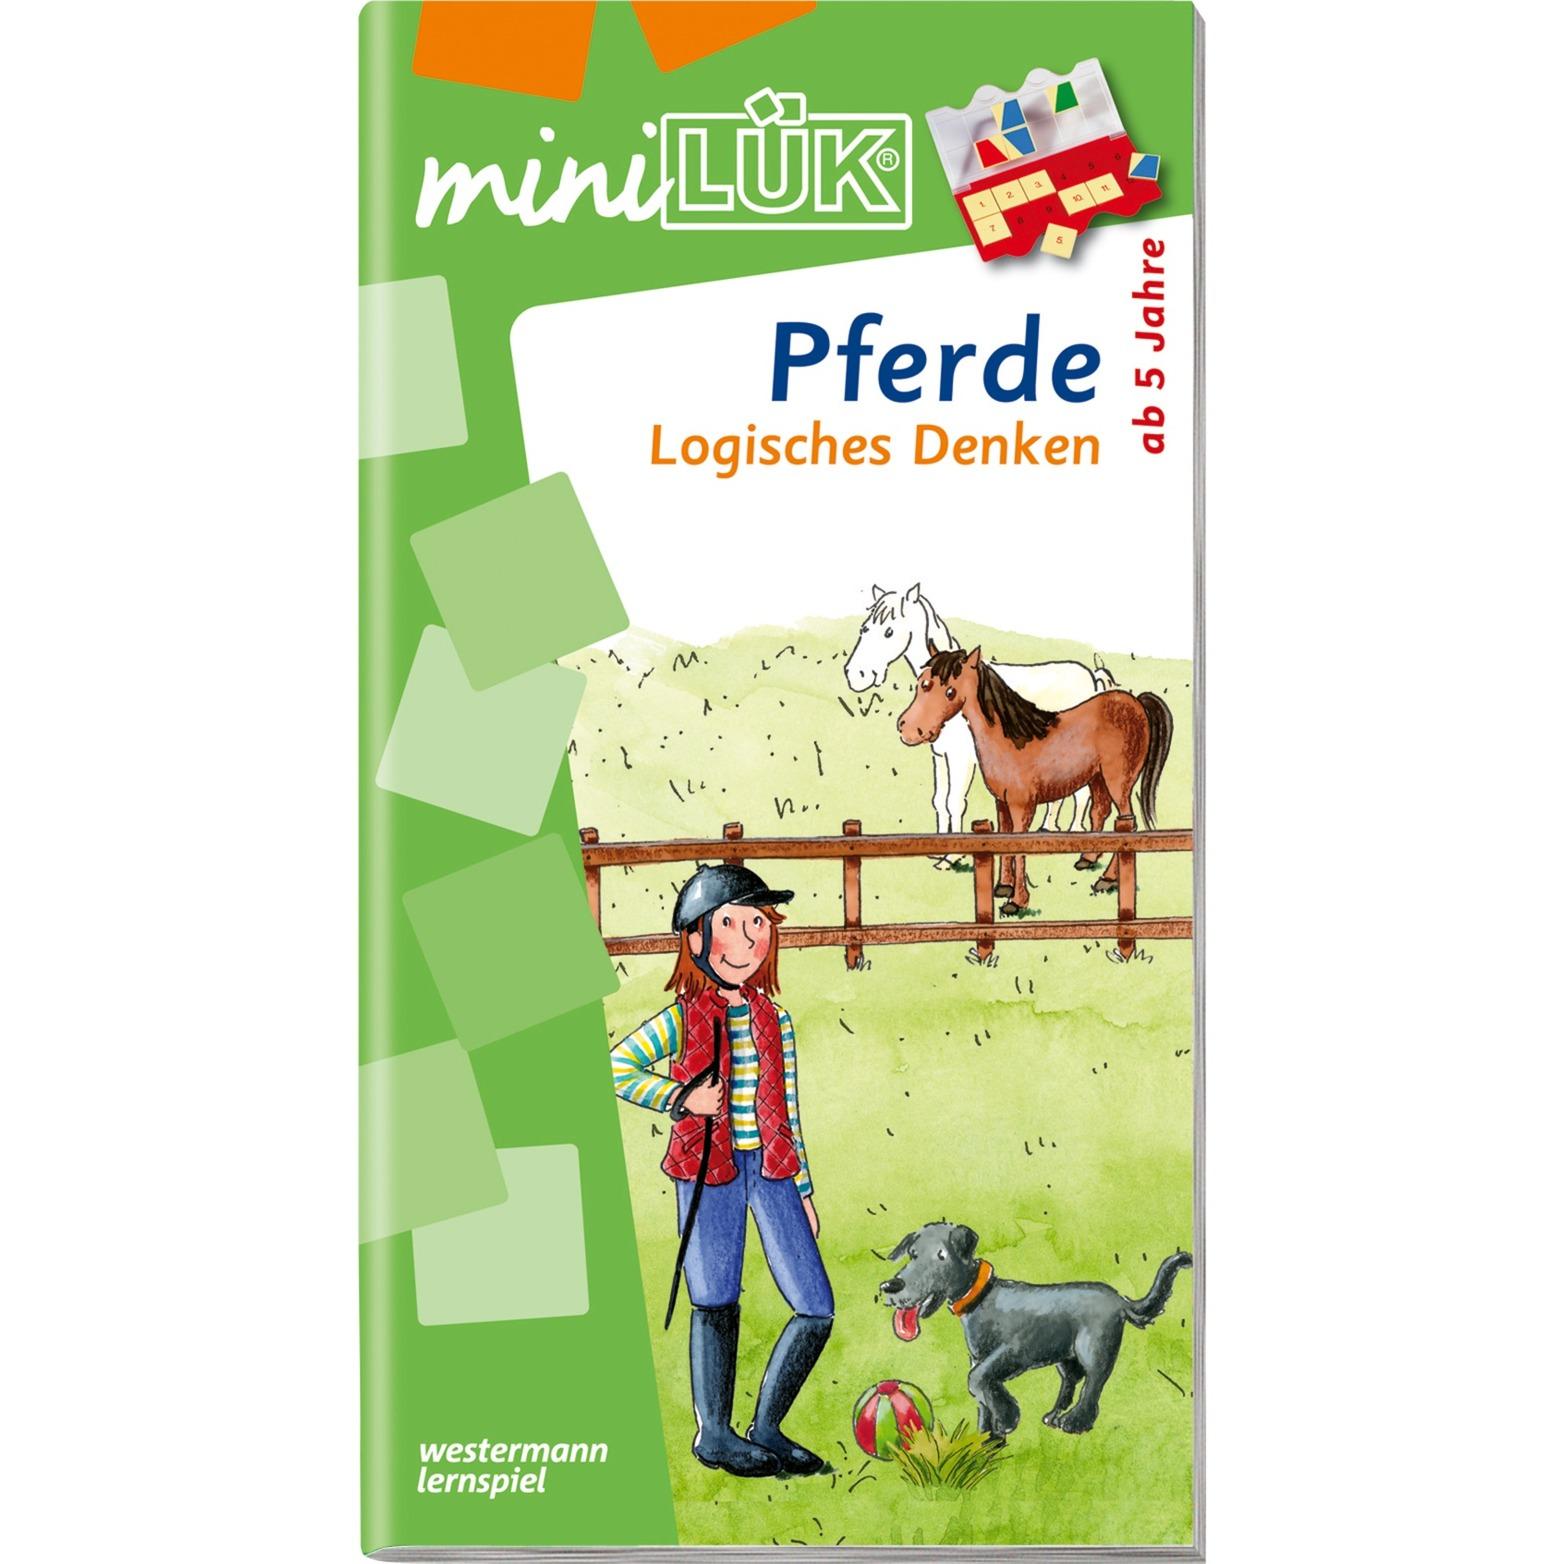 miniLÜK Pferde Logisches Denken Elementares Lernen für Kinder ab 5 Jahren livre pour enfants, Manuel